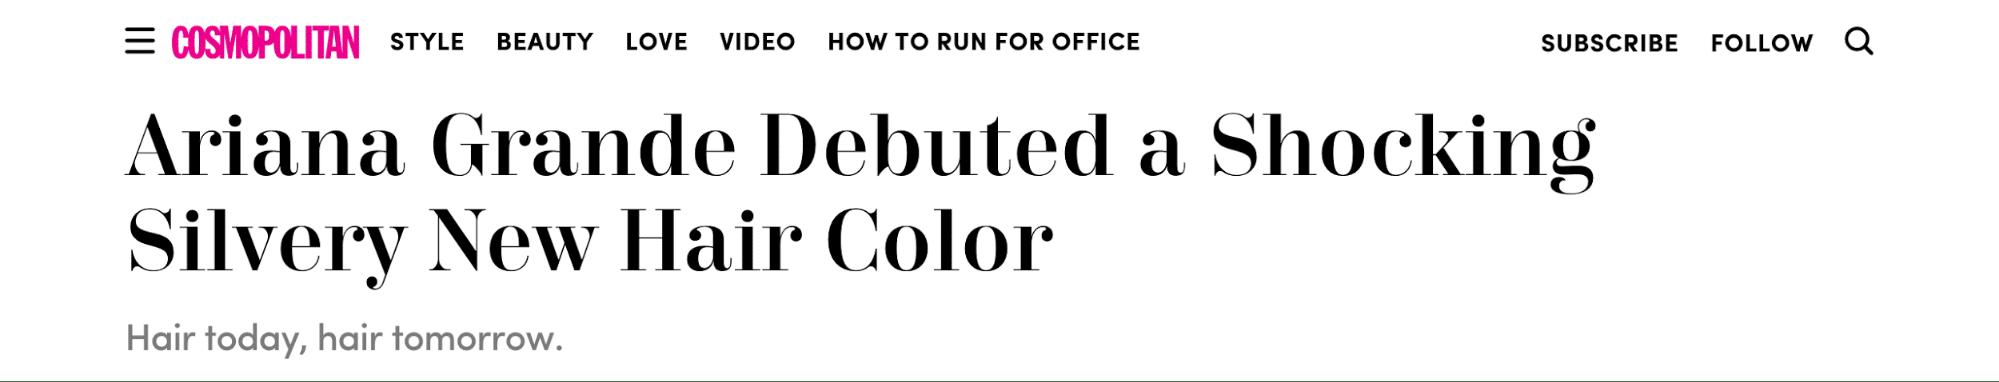 Headline di Cosmopolitan